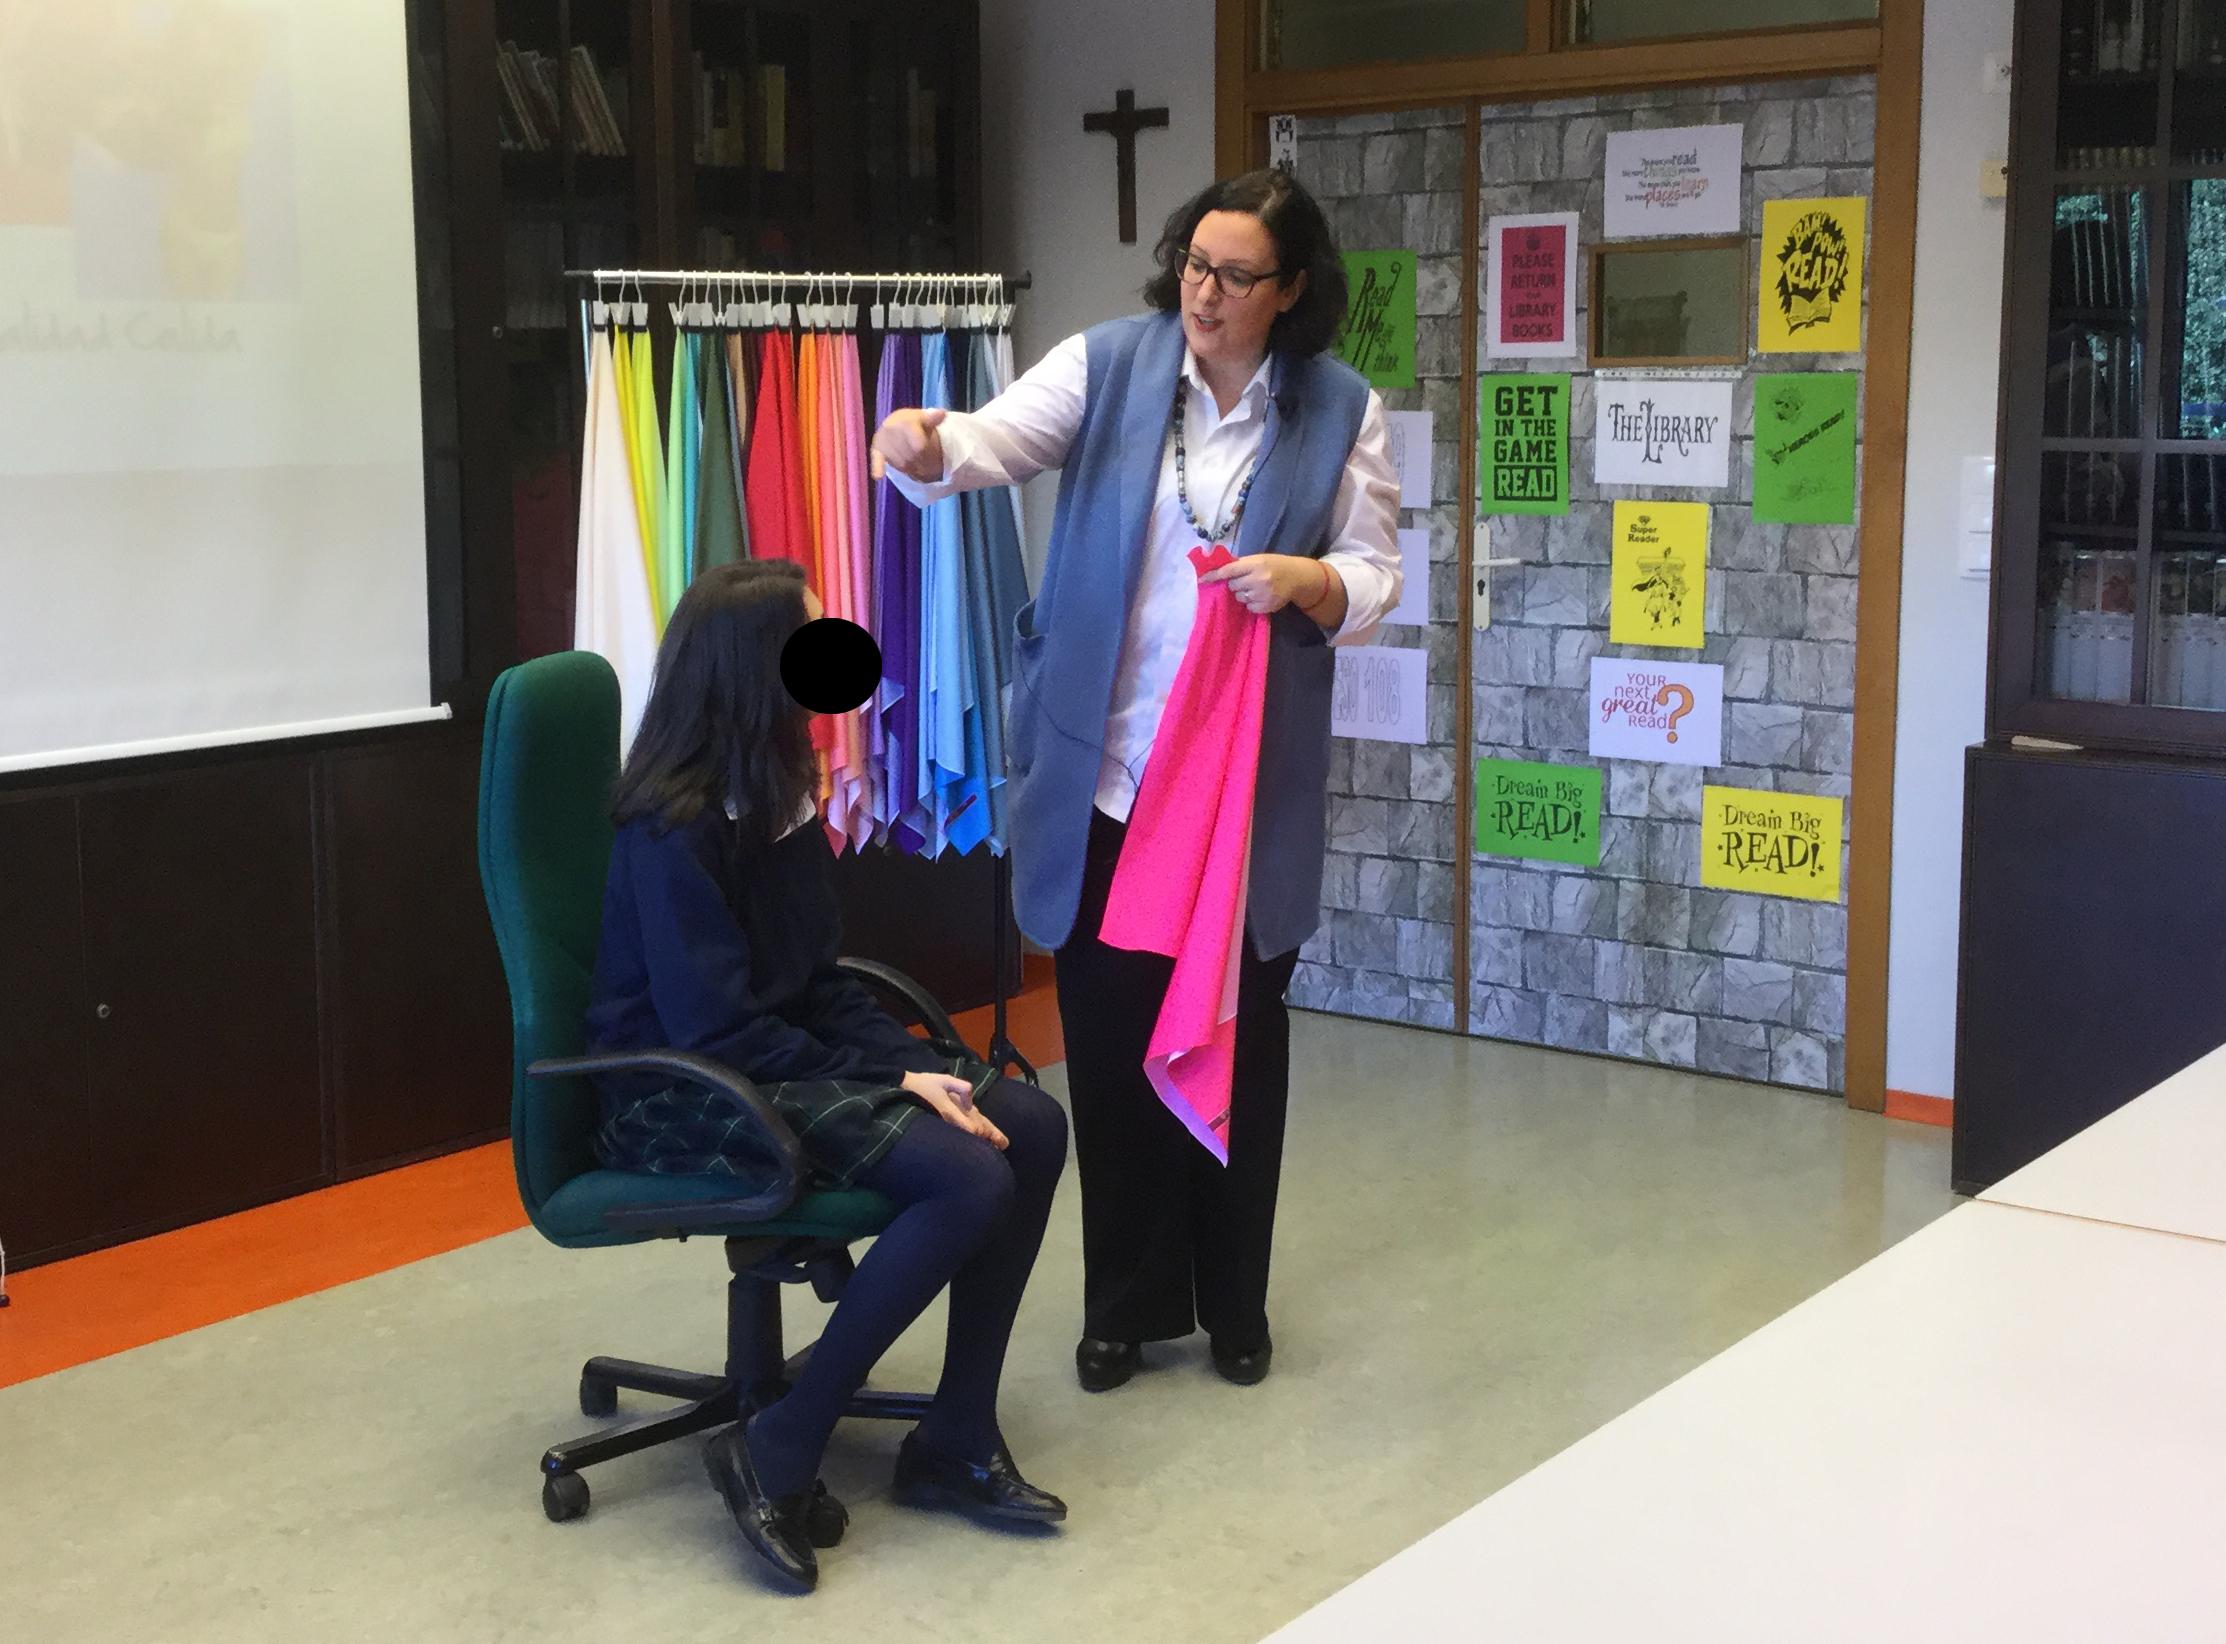 Taller colorimetria asesoria de imagen Paloma Silla Destaca-te Coso Moda